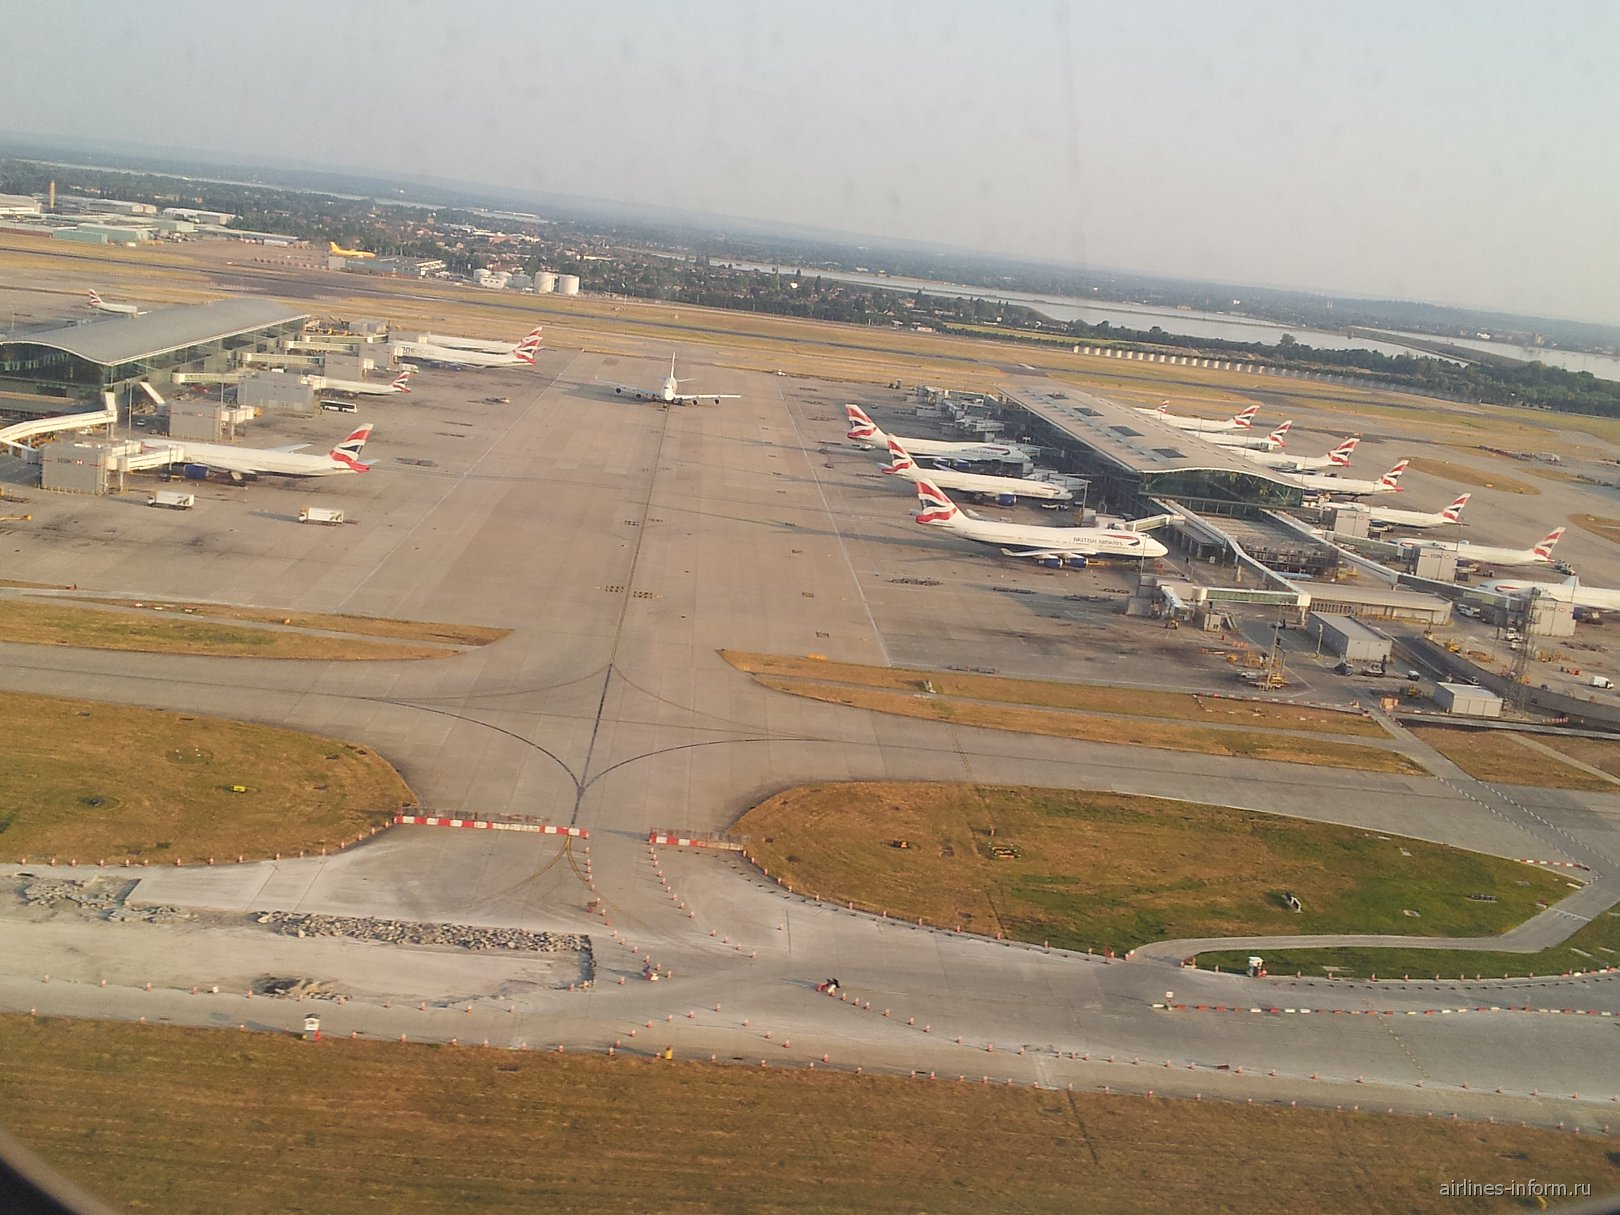 Вид на аэропорт Лондон Хитроу при взлете